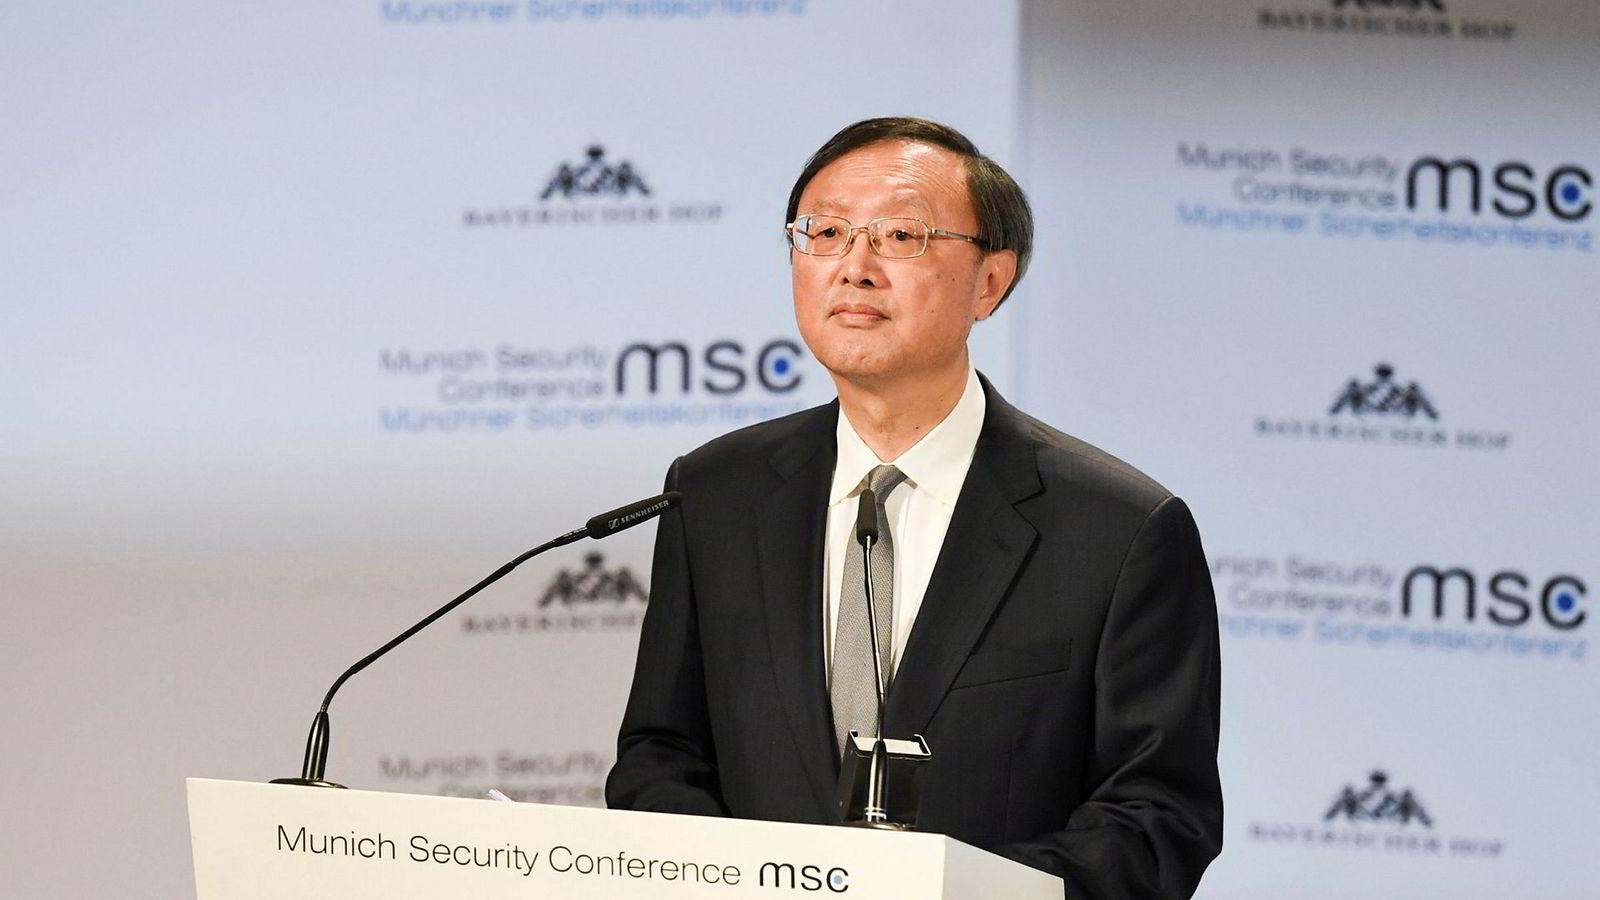 Kinas utsending til sikkerhetskonferansen i München, Yang Jiechi, snakket varmt om internasjonalt samarbeid, men sto steilt i forsvaret av selskapet Huawei.